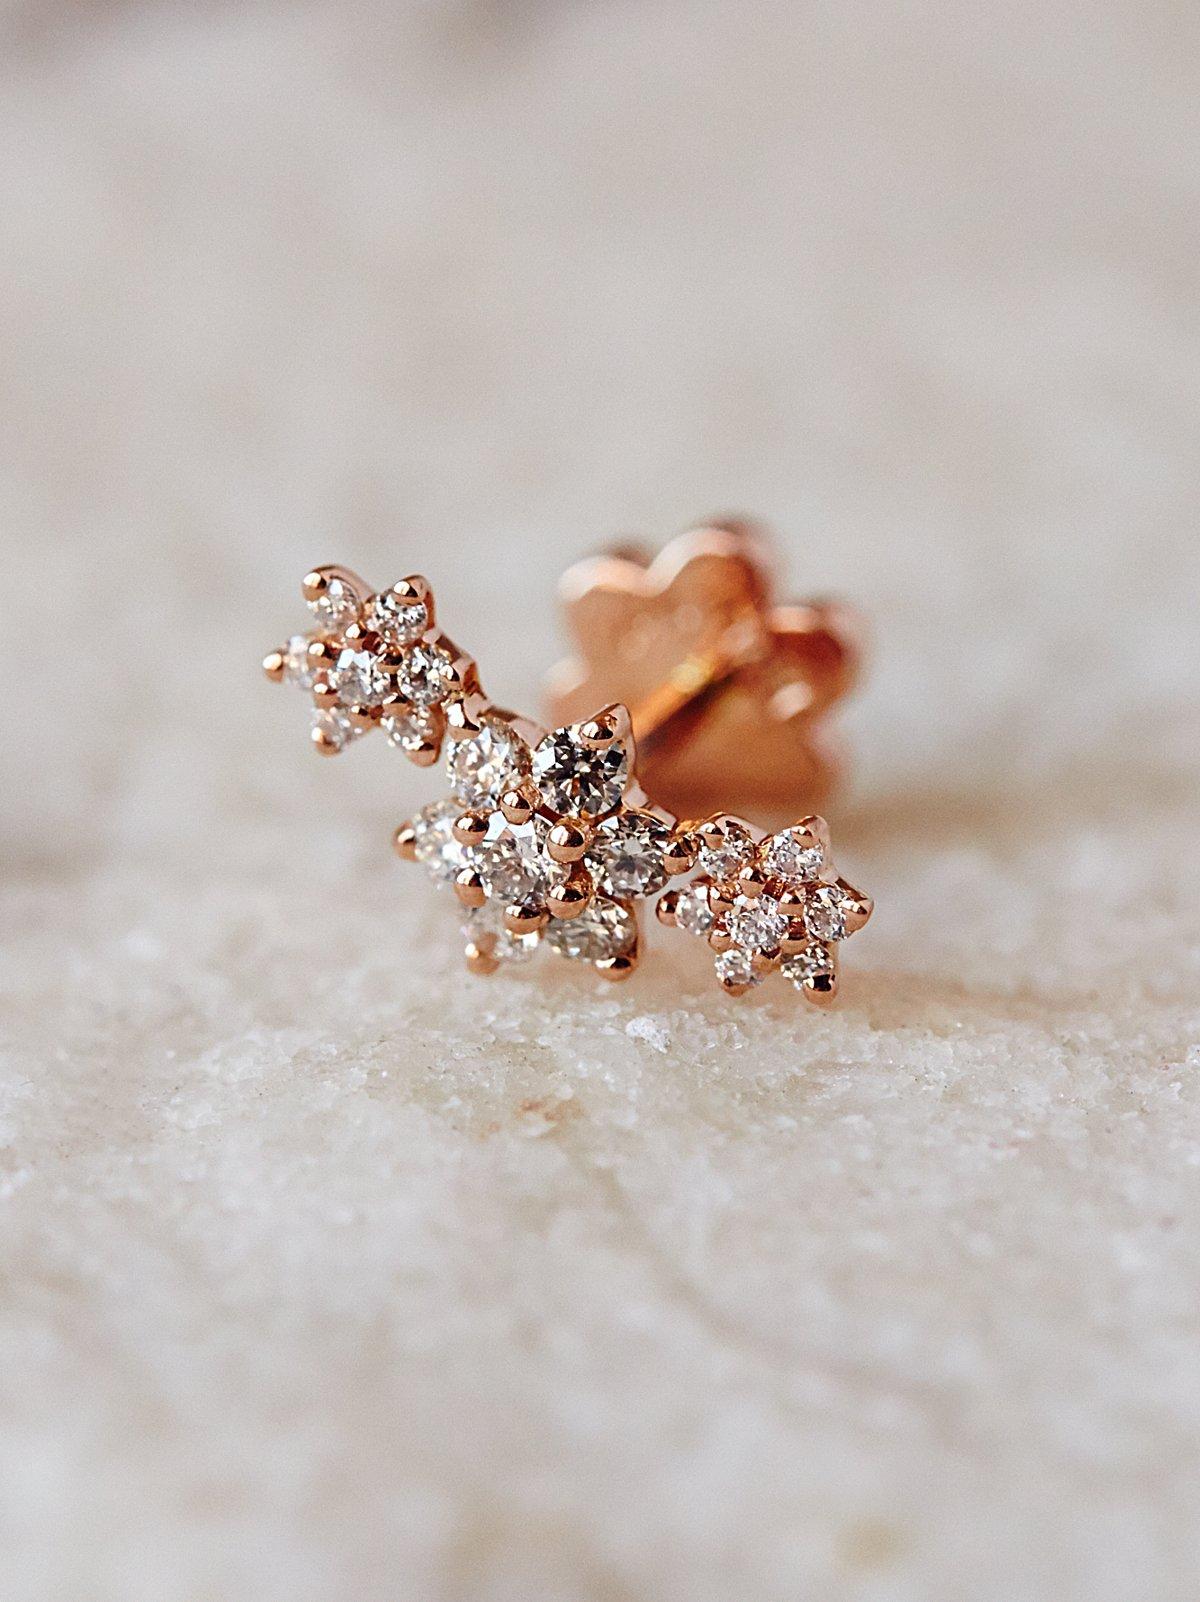 Garland钻石花朵耳环